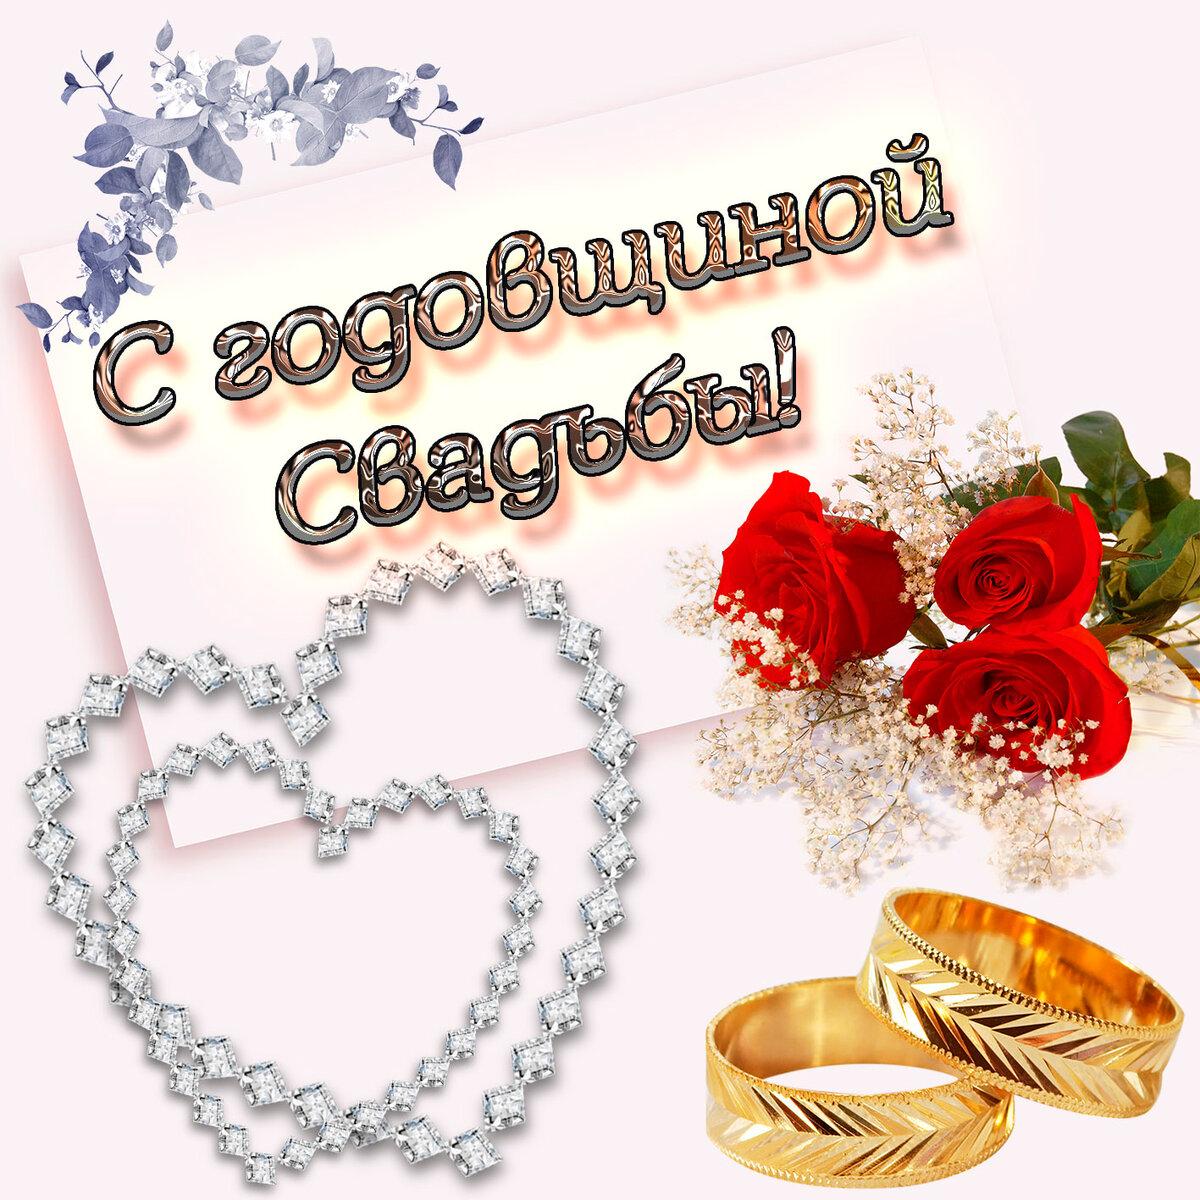 Поздравления мужу с годовщиной свадьбы после ссоры фотография